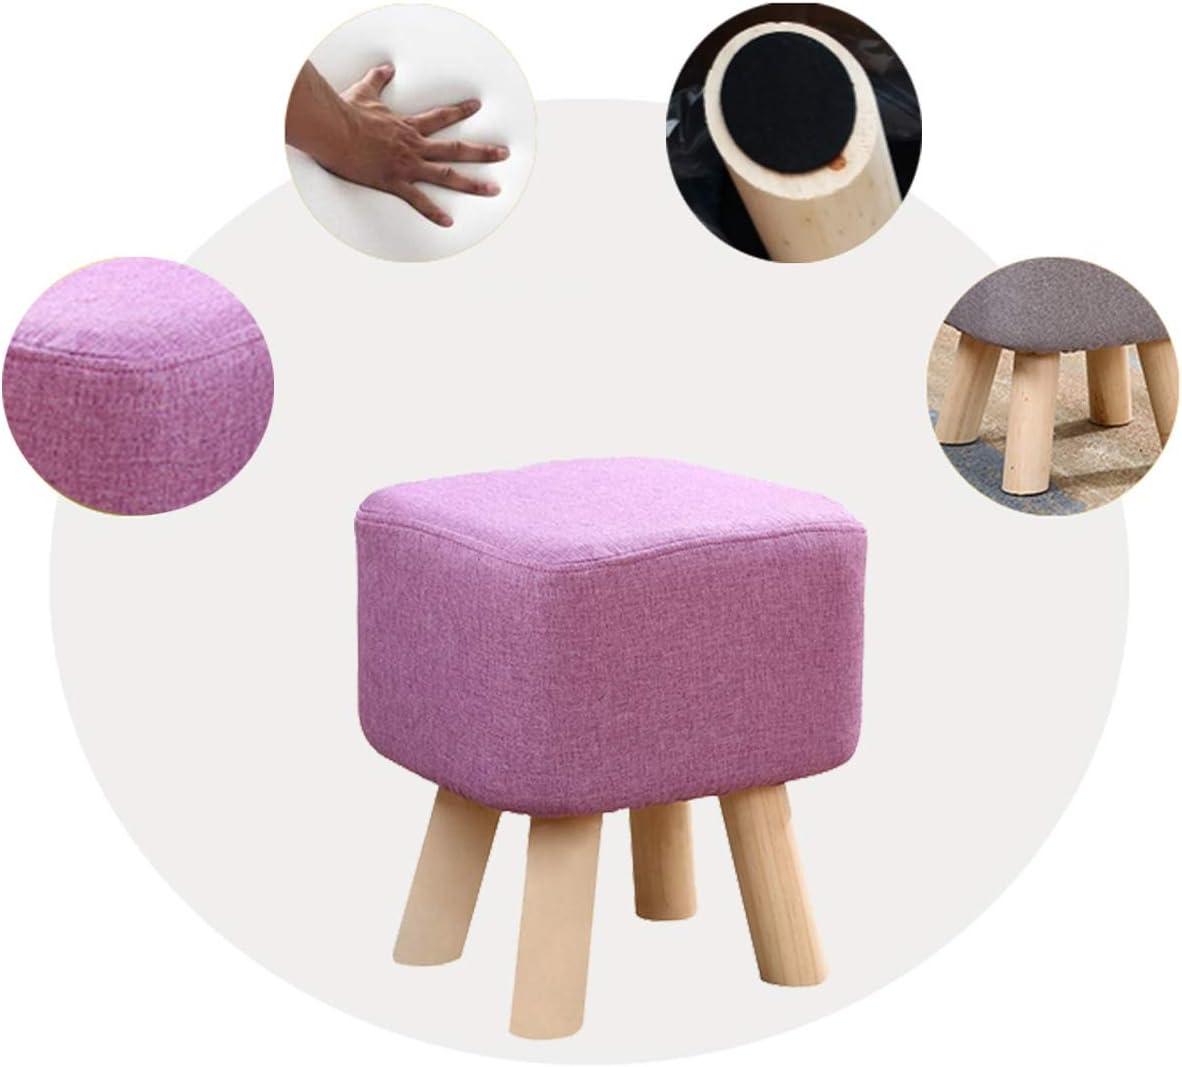 MUYUNXI Creative Repose-Pieds, Carré Tissu Casual Tabouret, Siège Enfant, Quatre Options De Couleurs (Color : Matcha) Purple